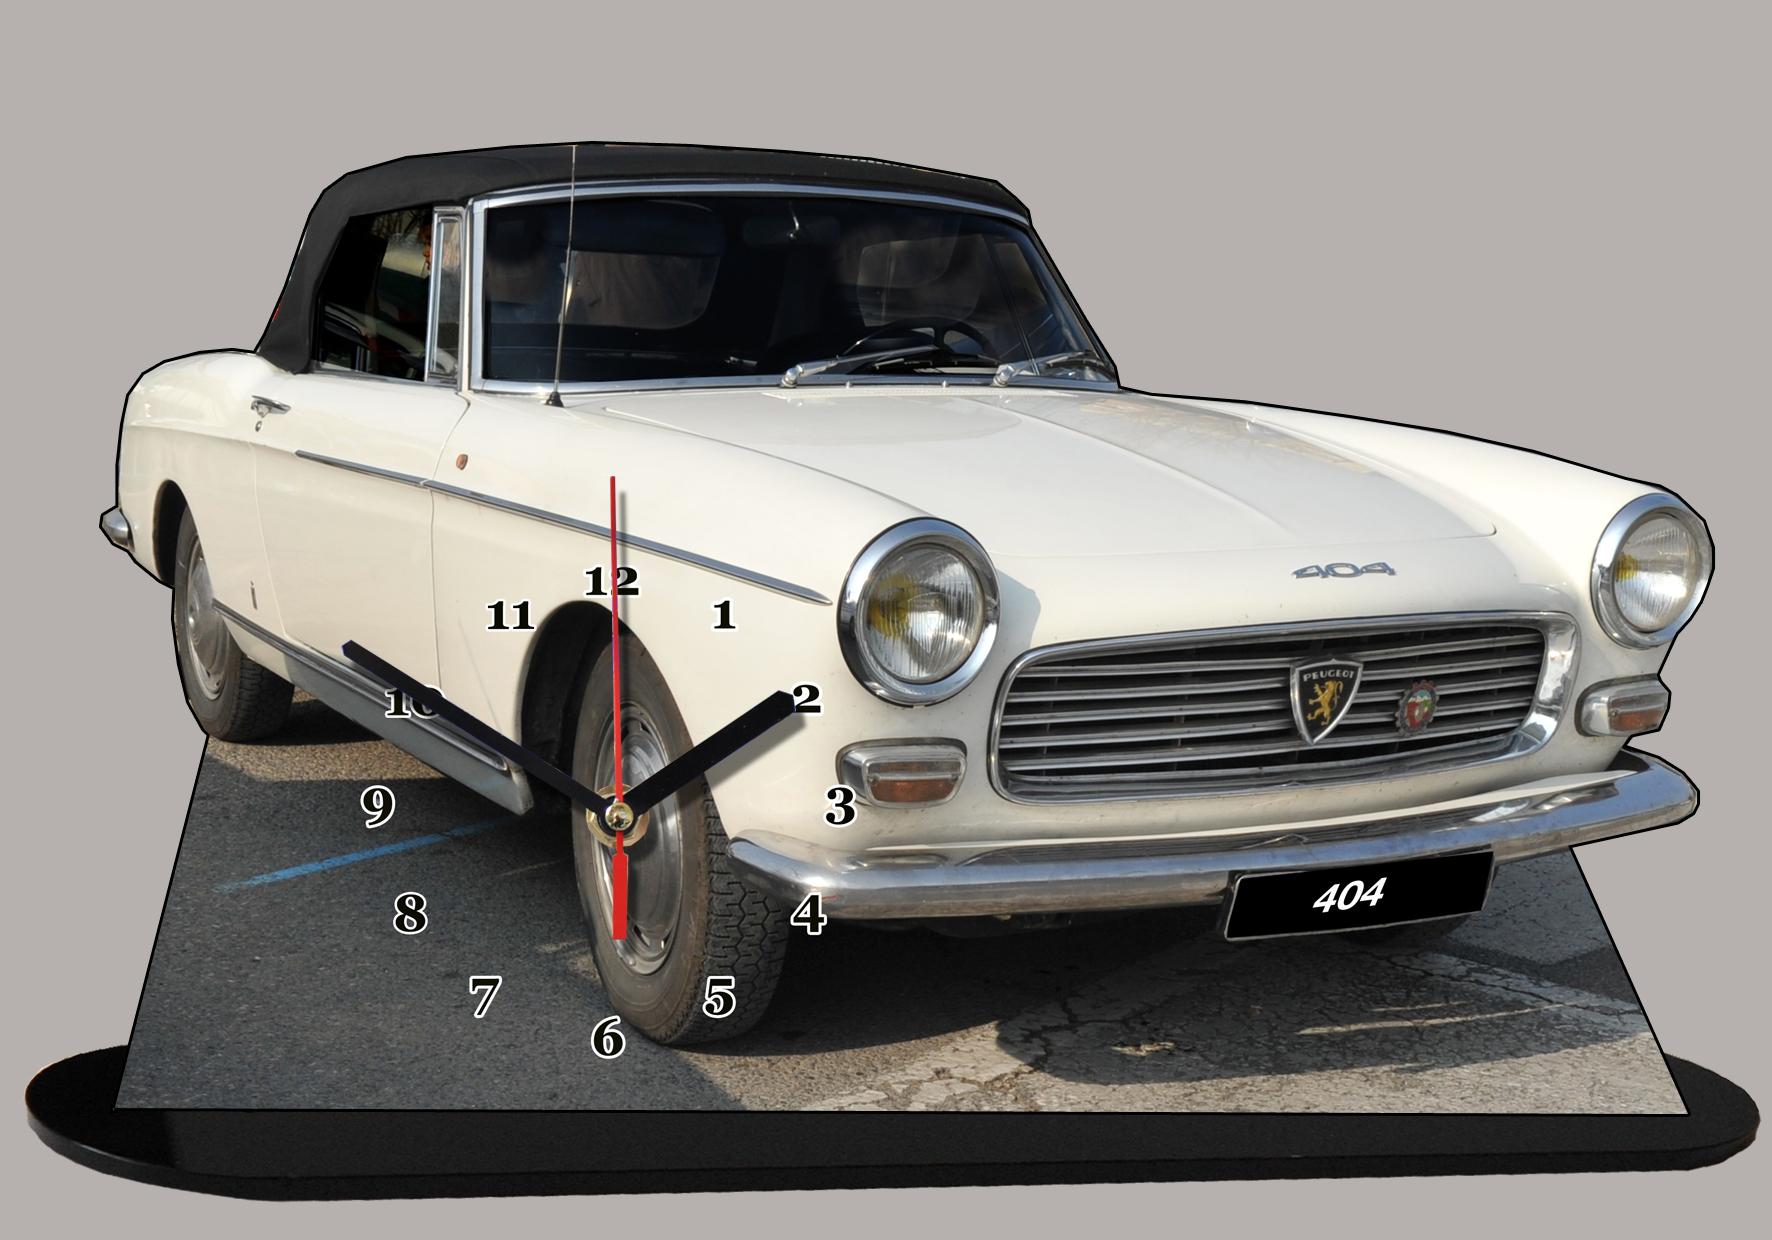 404 cabriolet: